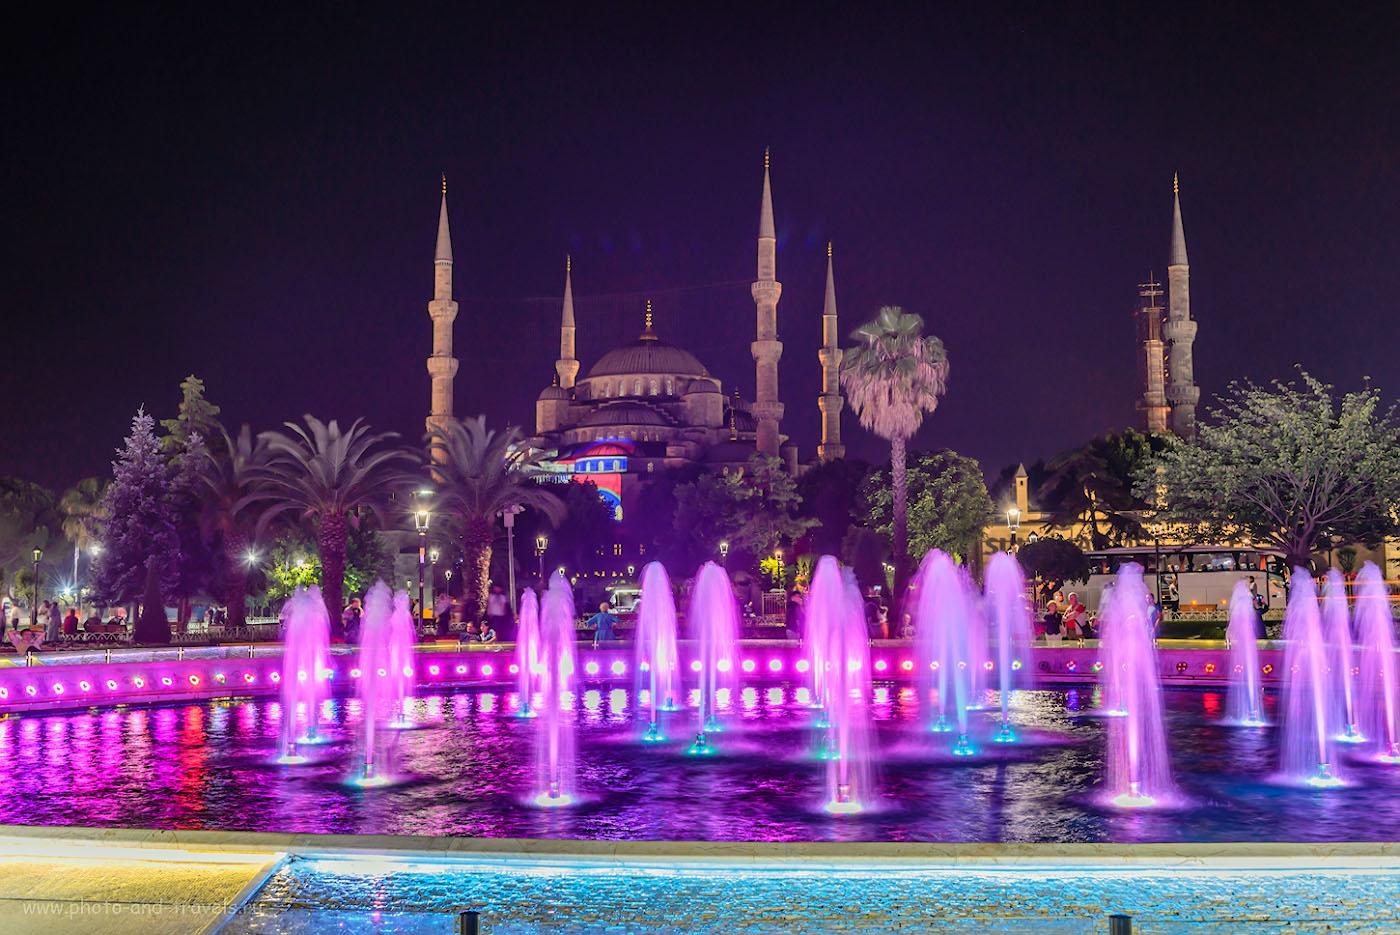 Фото 4. Фонтан на площади Султанахмет и сама Голубая мечеть. Прогулки по ночному Стамбулу. Стоит ли ехать в Турцию. 1.3 секунды, +1.33 EV, 8.0, 500, 38.